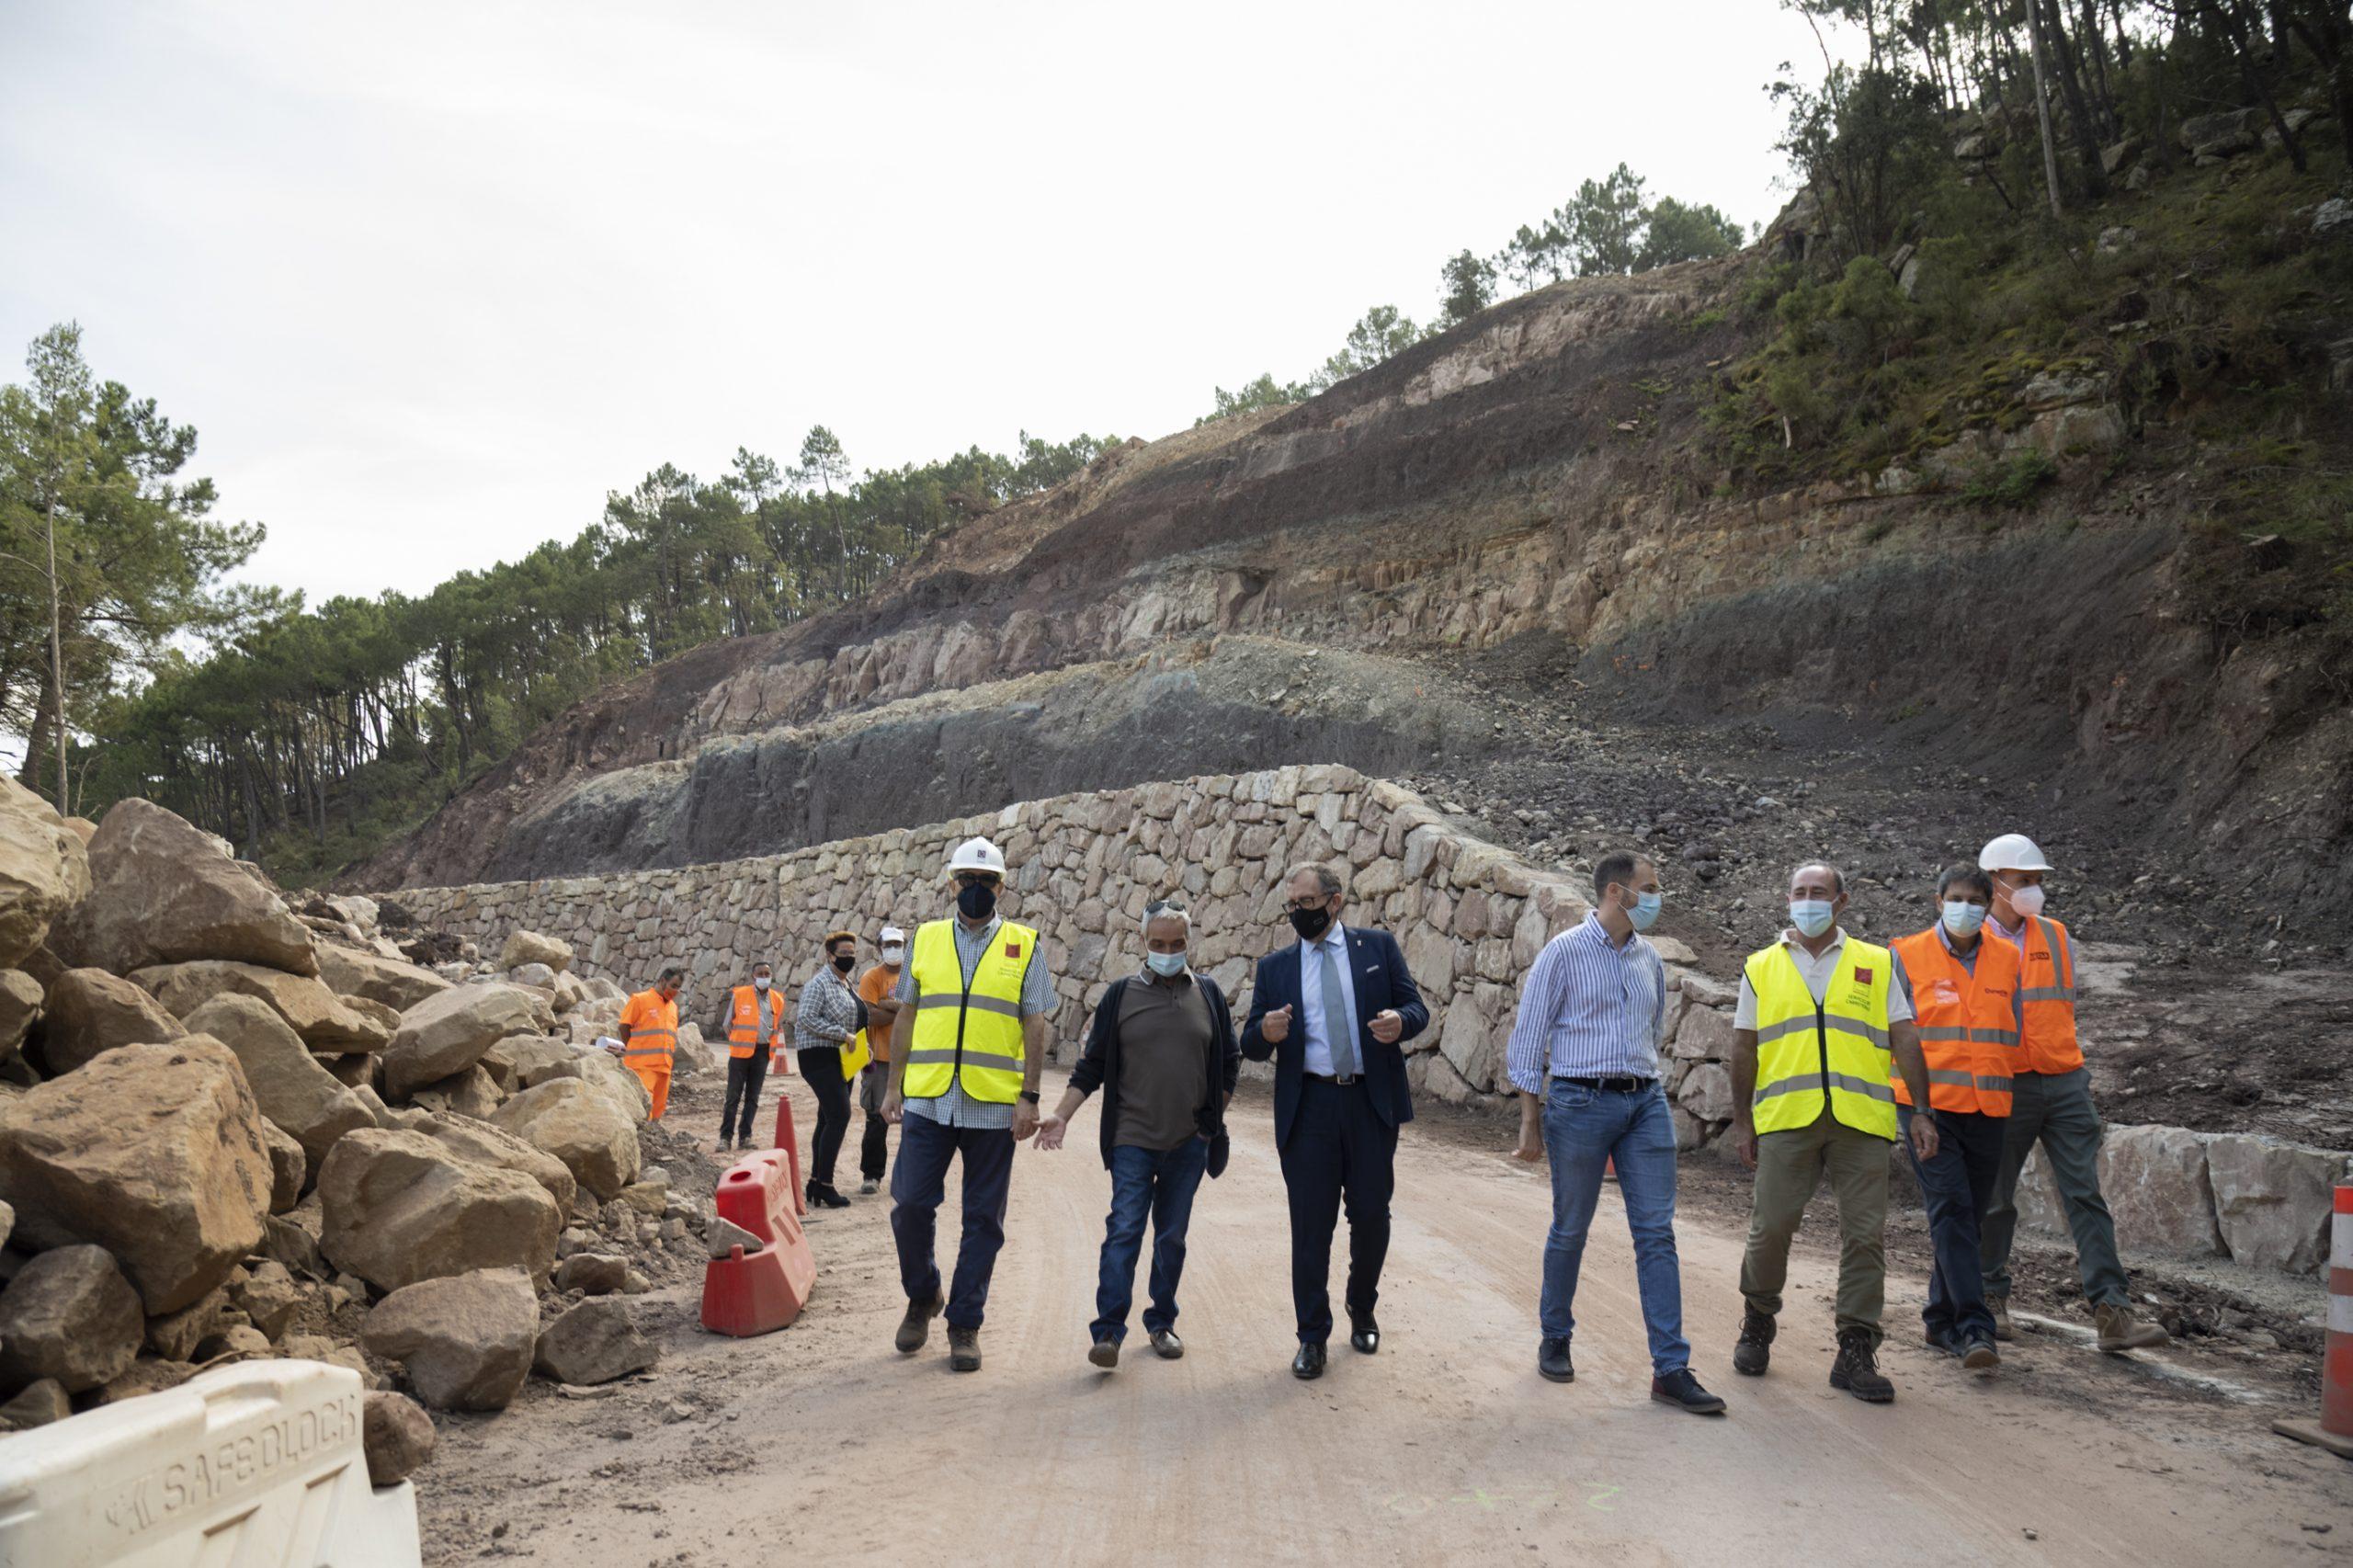 La Diputación de Castellón finaliza las obras de mejora de la seguridad vial de la CV-207 en Puebla de Arenoso, que han supuesto una inversión de 336.000 euros